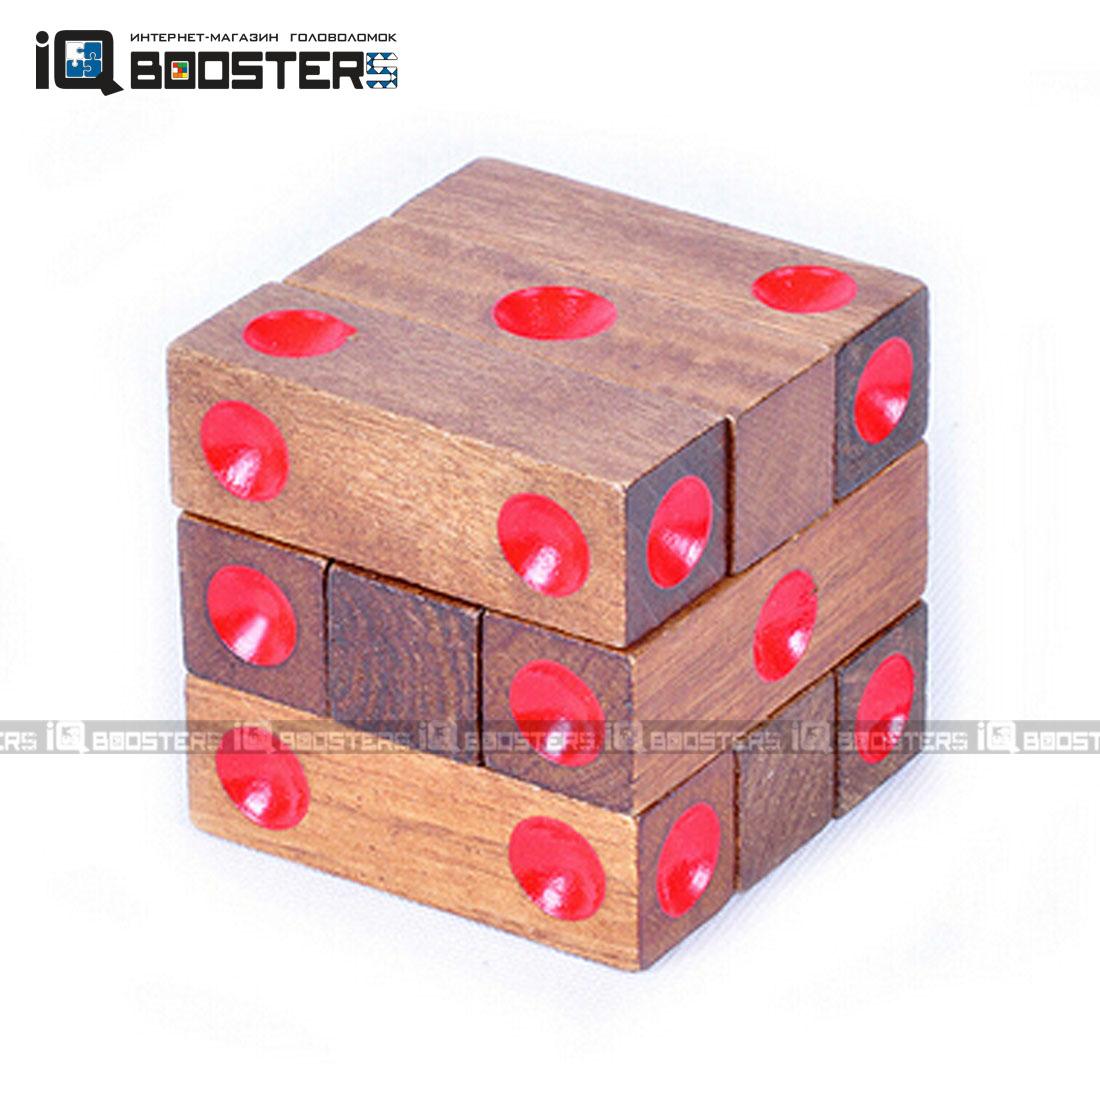 domino_dice_cube_1